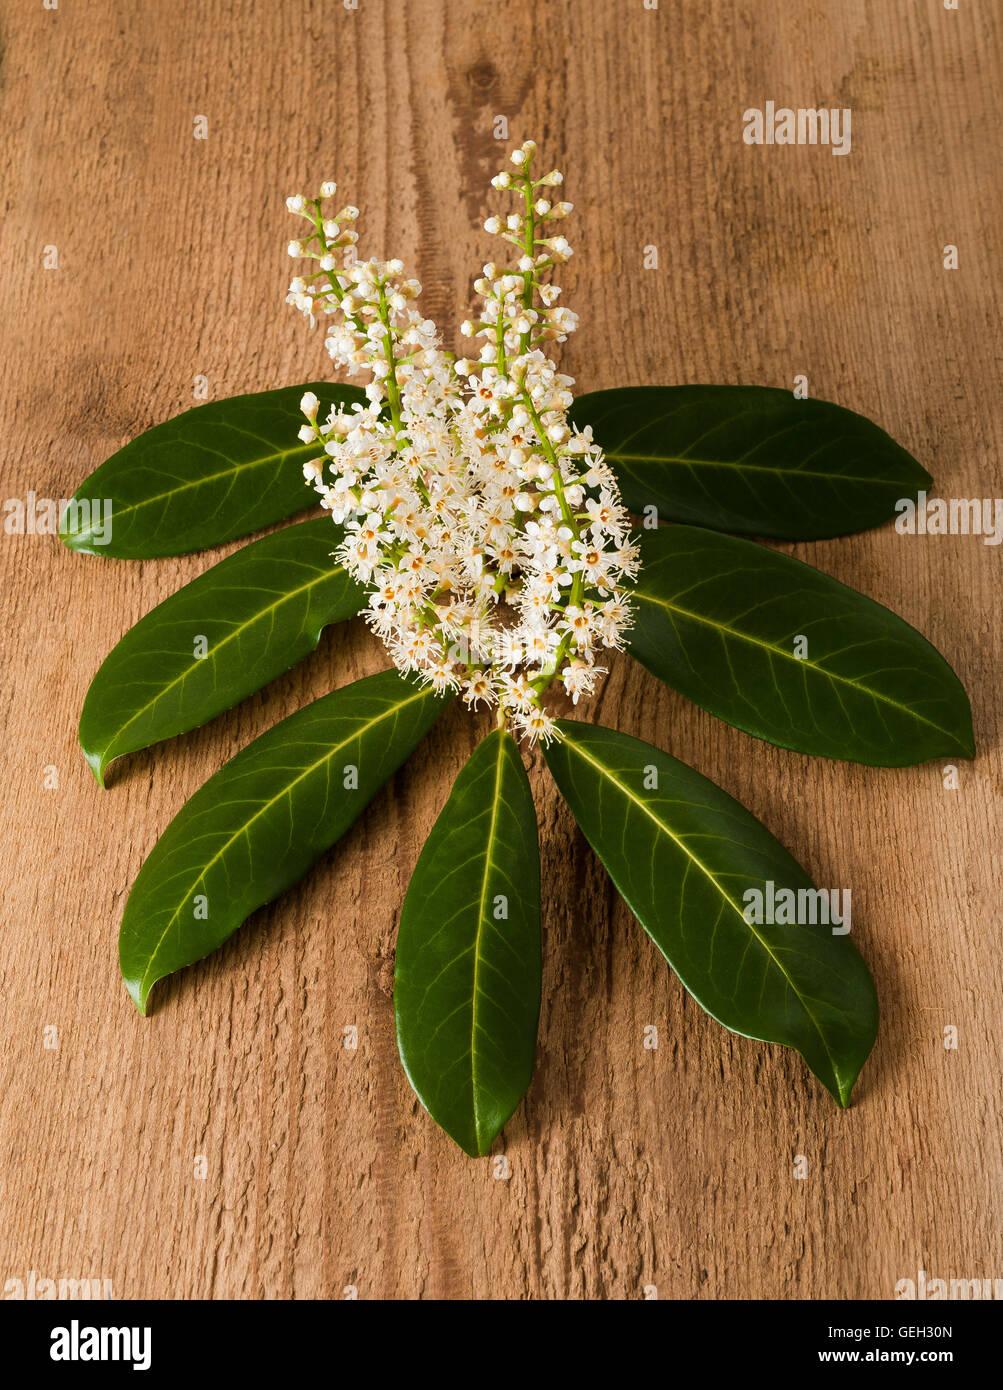 Kirschlorbeer Blumen mit Blättern Stockbild